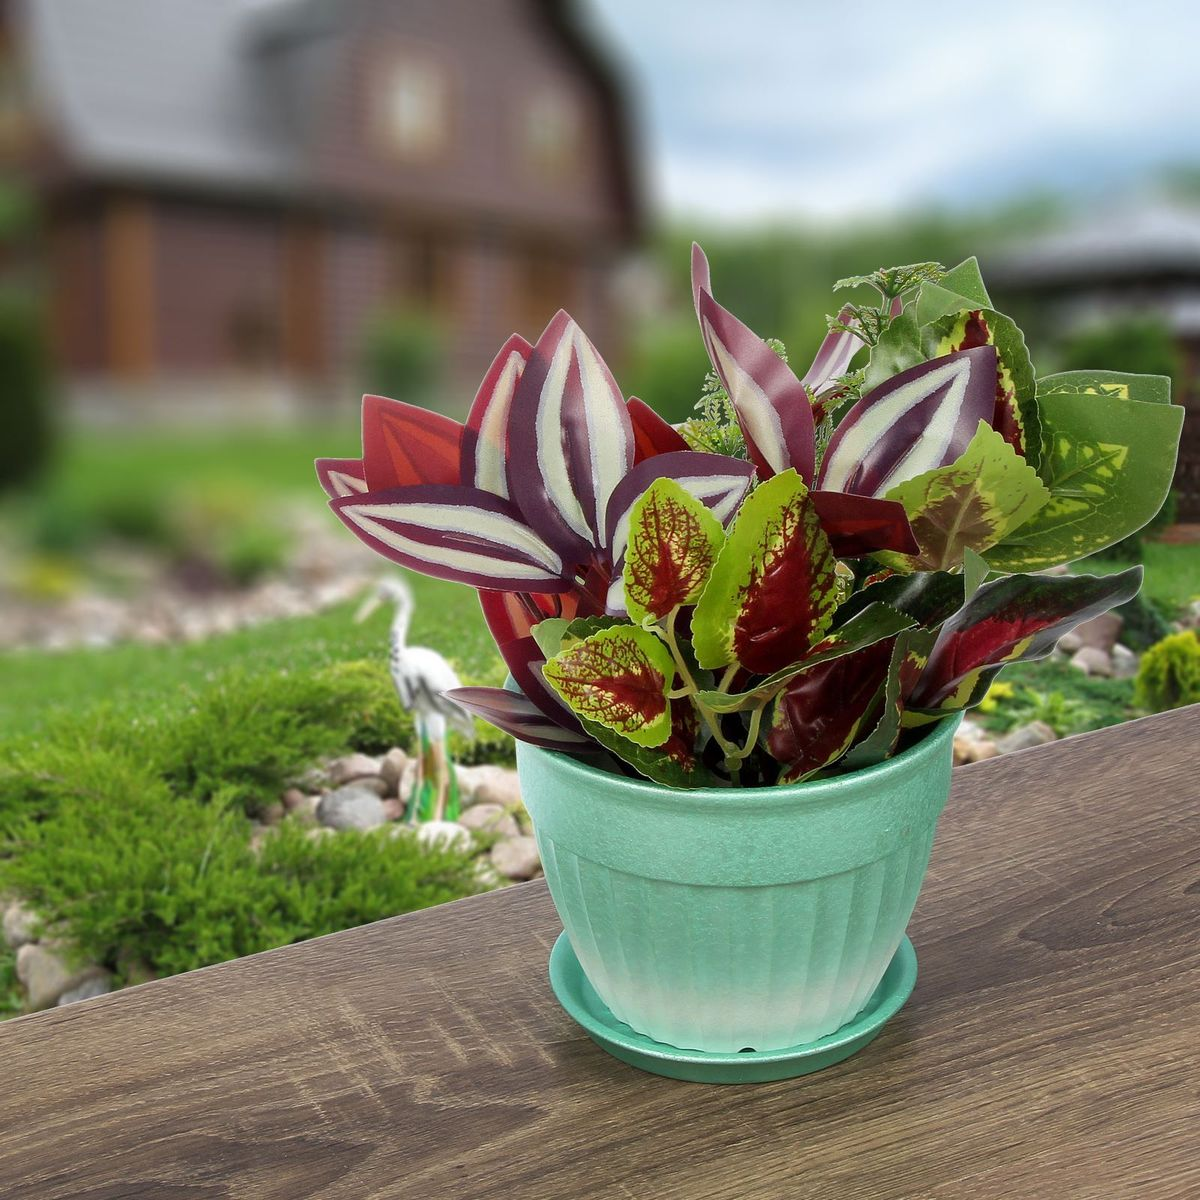 Кашпо Керамика ручной работы Ромашка, цвет: зеленый, 0,5 л1312976Комнатные растения - всеобщие любимцы. Они радуют глаз, насыщают помещение кислородом и украшают пространство. Каждому из них необходим свой удобный и красивый дом.Кашпо из керамики прекрасно подходит для высадки растений:за счёт пластичности глины и разных способов обработки существует великое множество форм и дизайнов; пористый материал позволяет испаряться лишней влаге; воздух, необходимый для дыхания корней, проникает сквозь керамические стенки.Кашпо для цветов освежит интерьер и подчеркнёт его стиль.